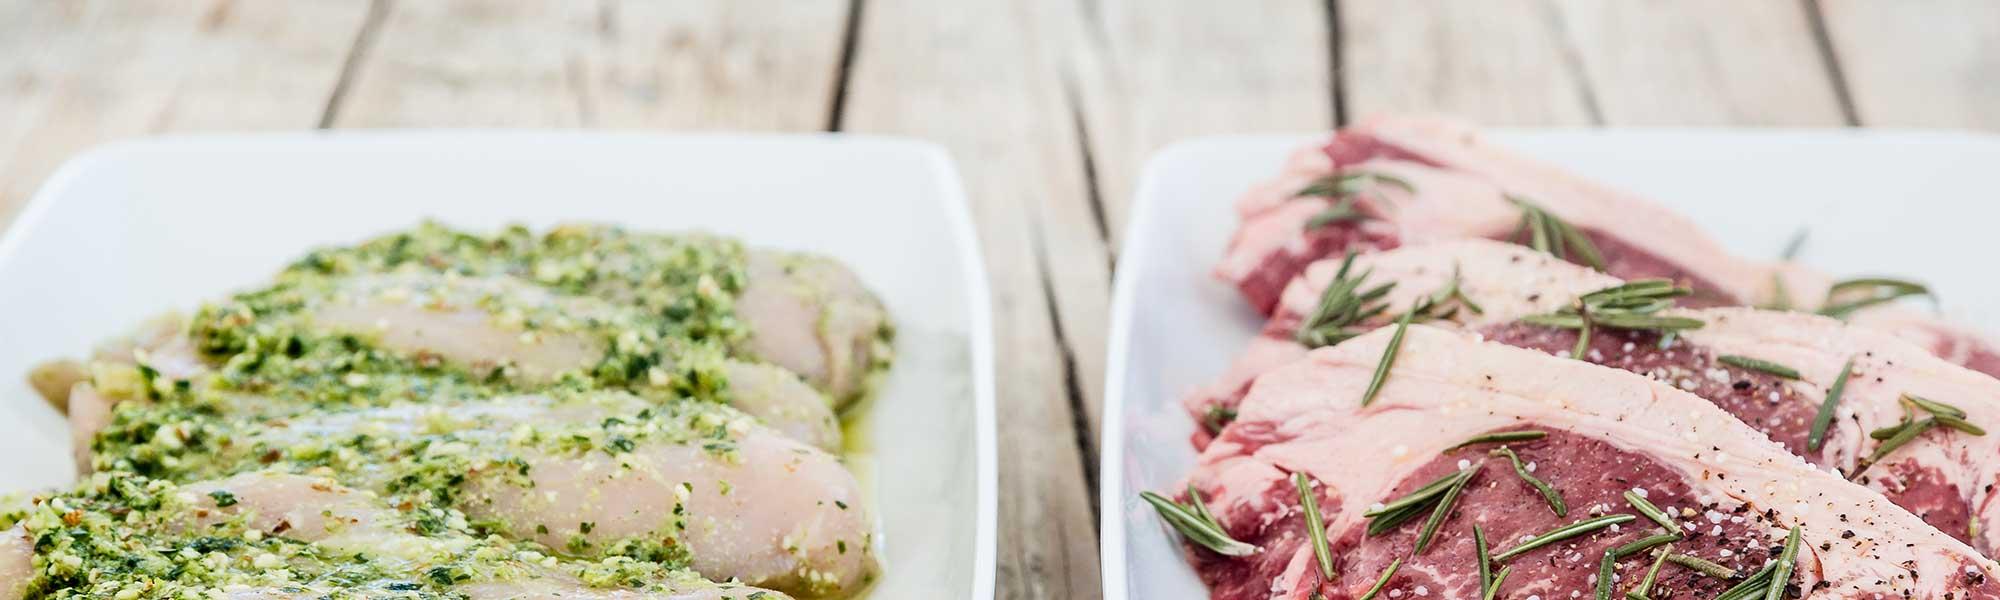 sæsonens bedste grøntsager og fedtfattigt kød eller fisk